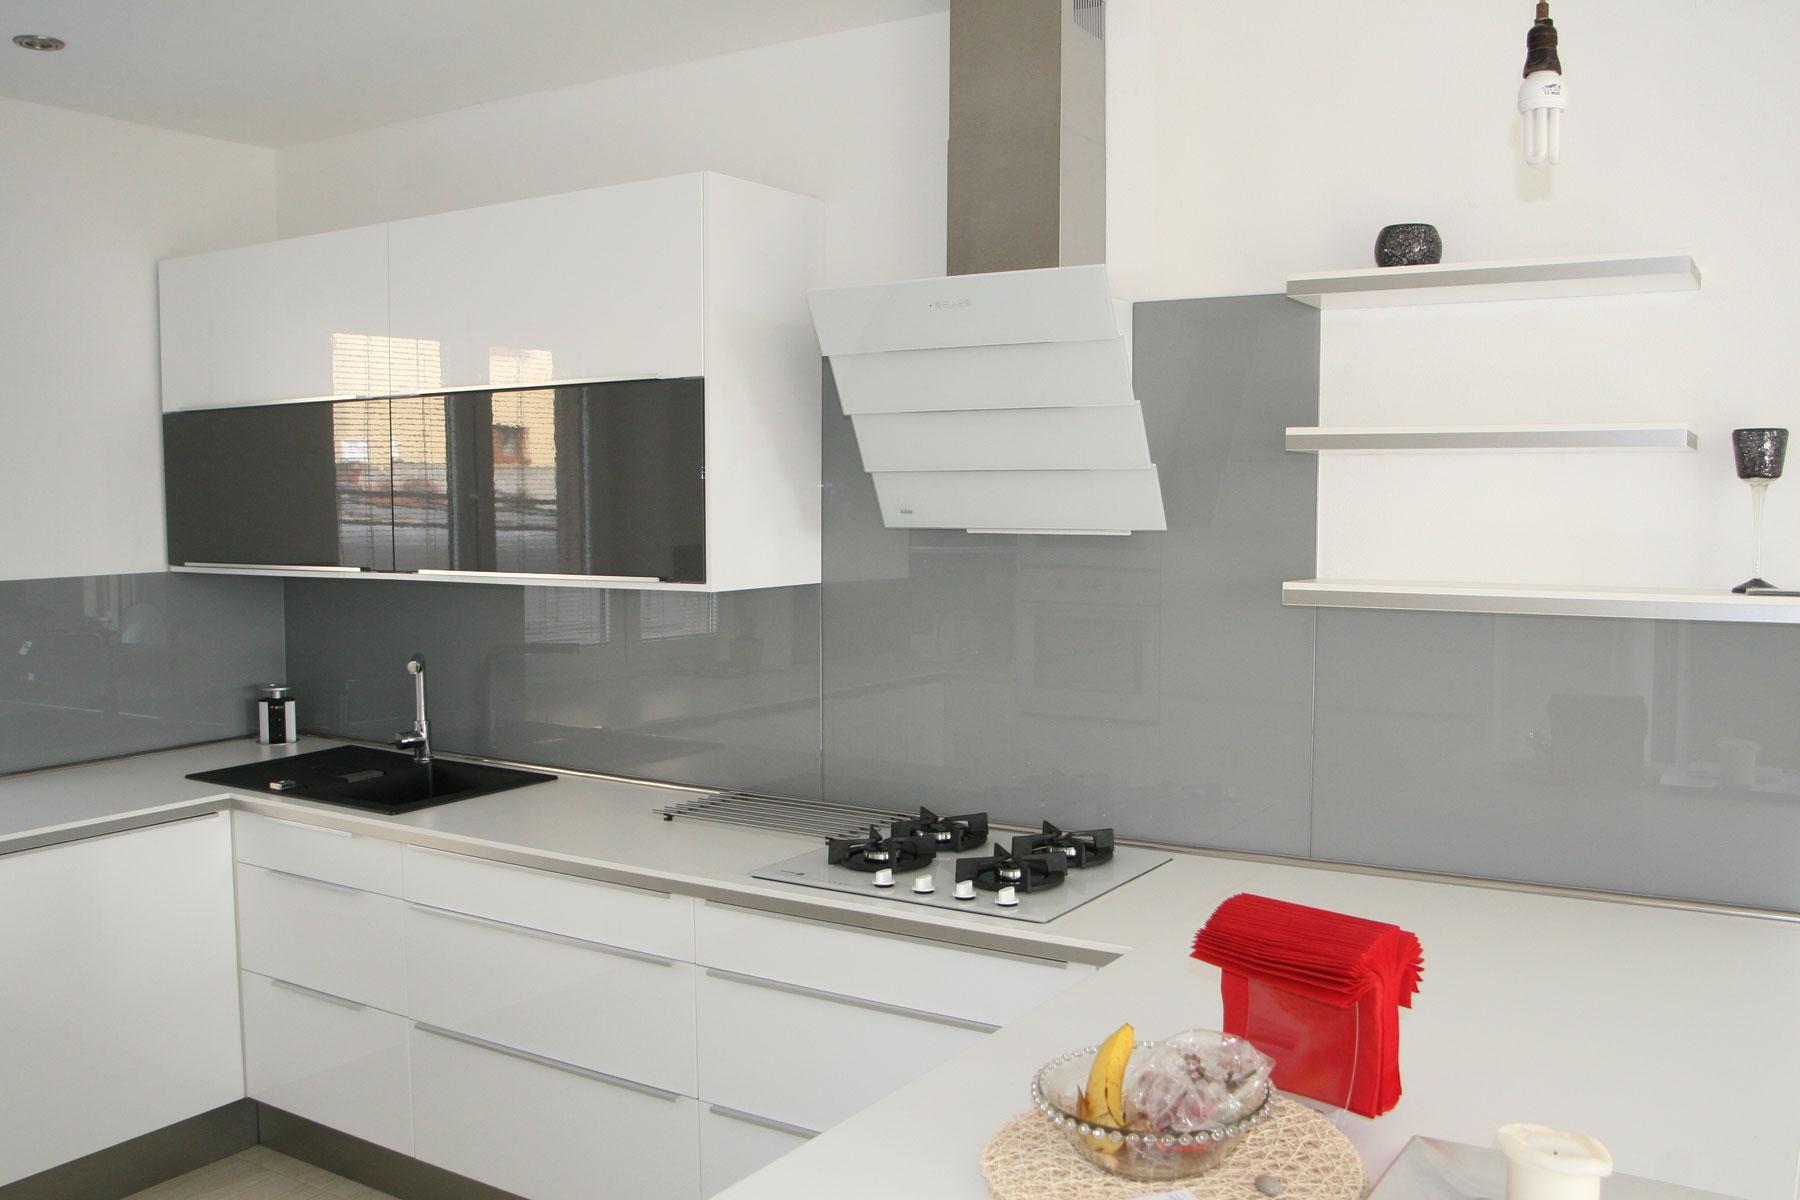 Sklenarstvi-Prerost-obklady- za-kuchynske- linky (36)